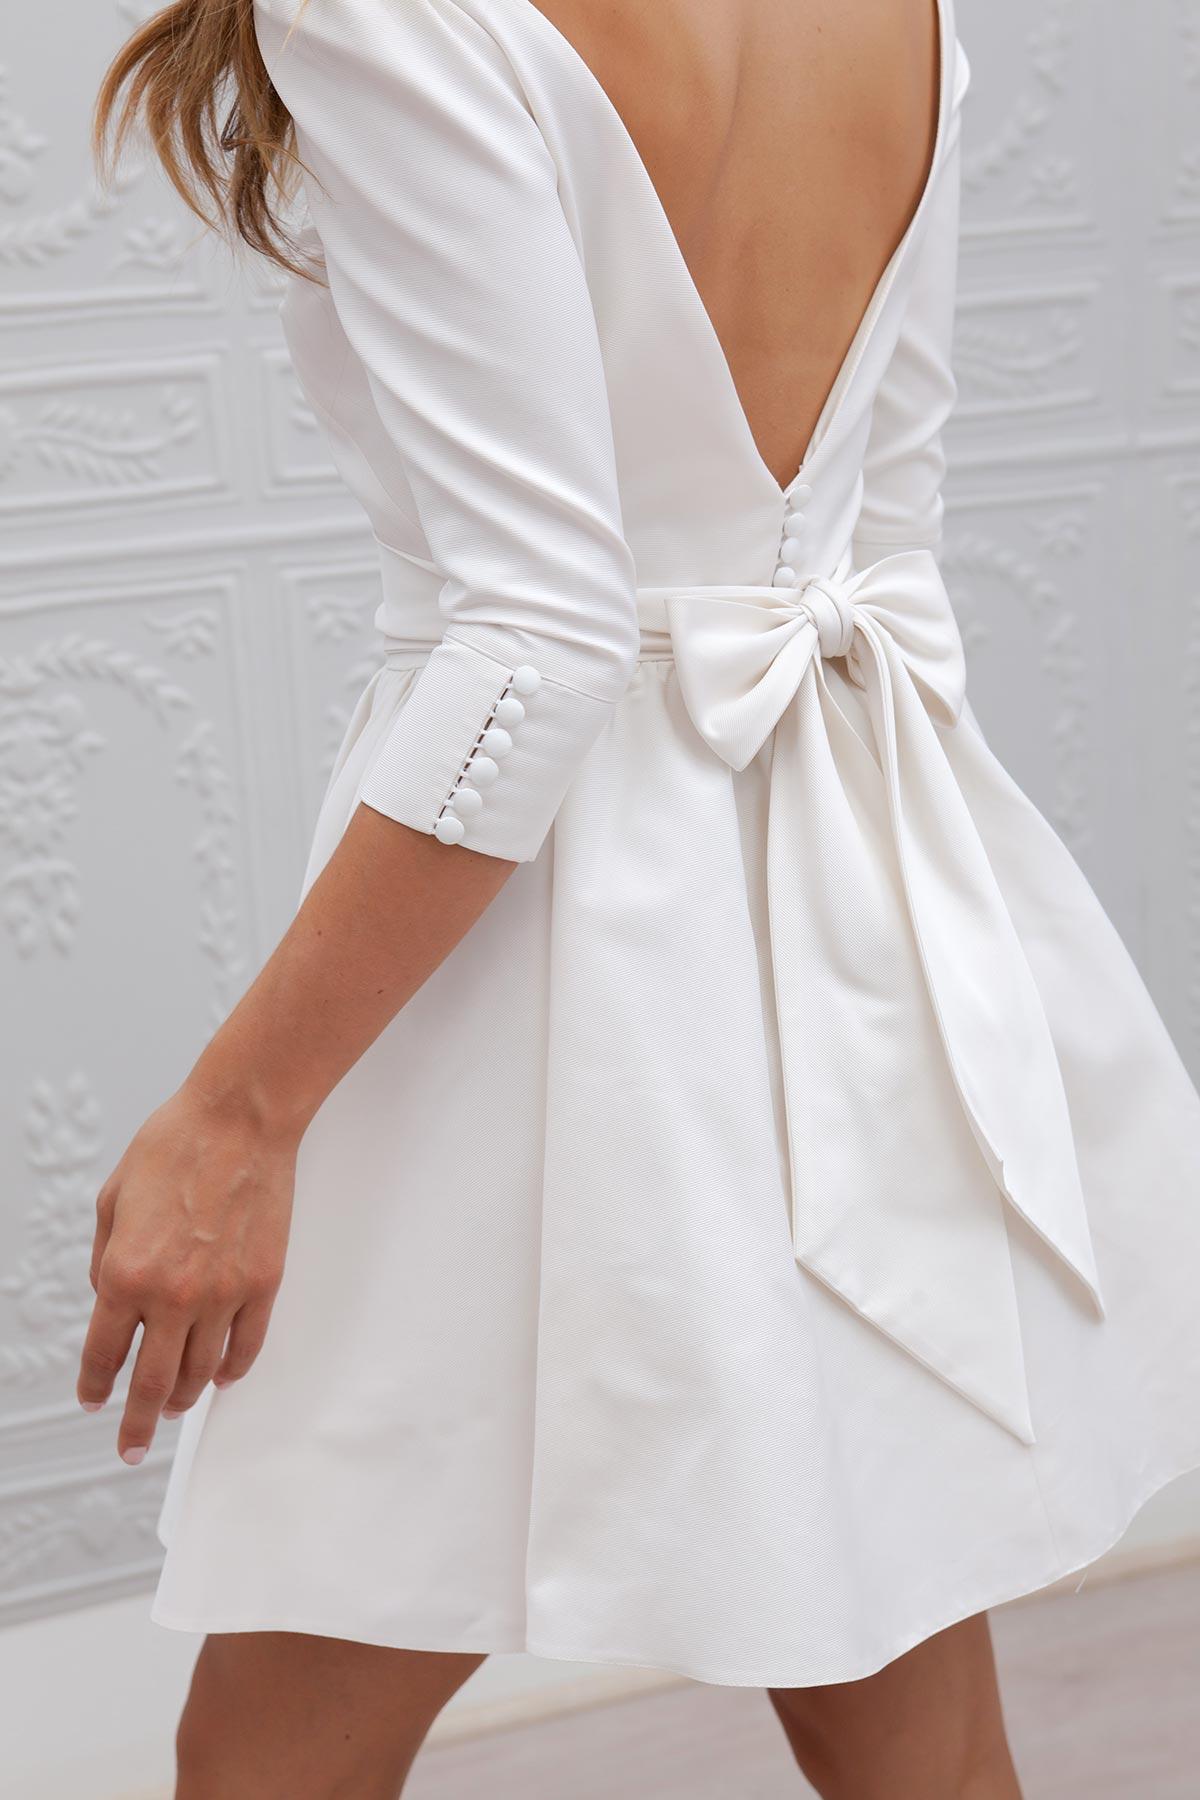 Robe noire et blanche avec noeud